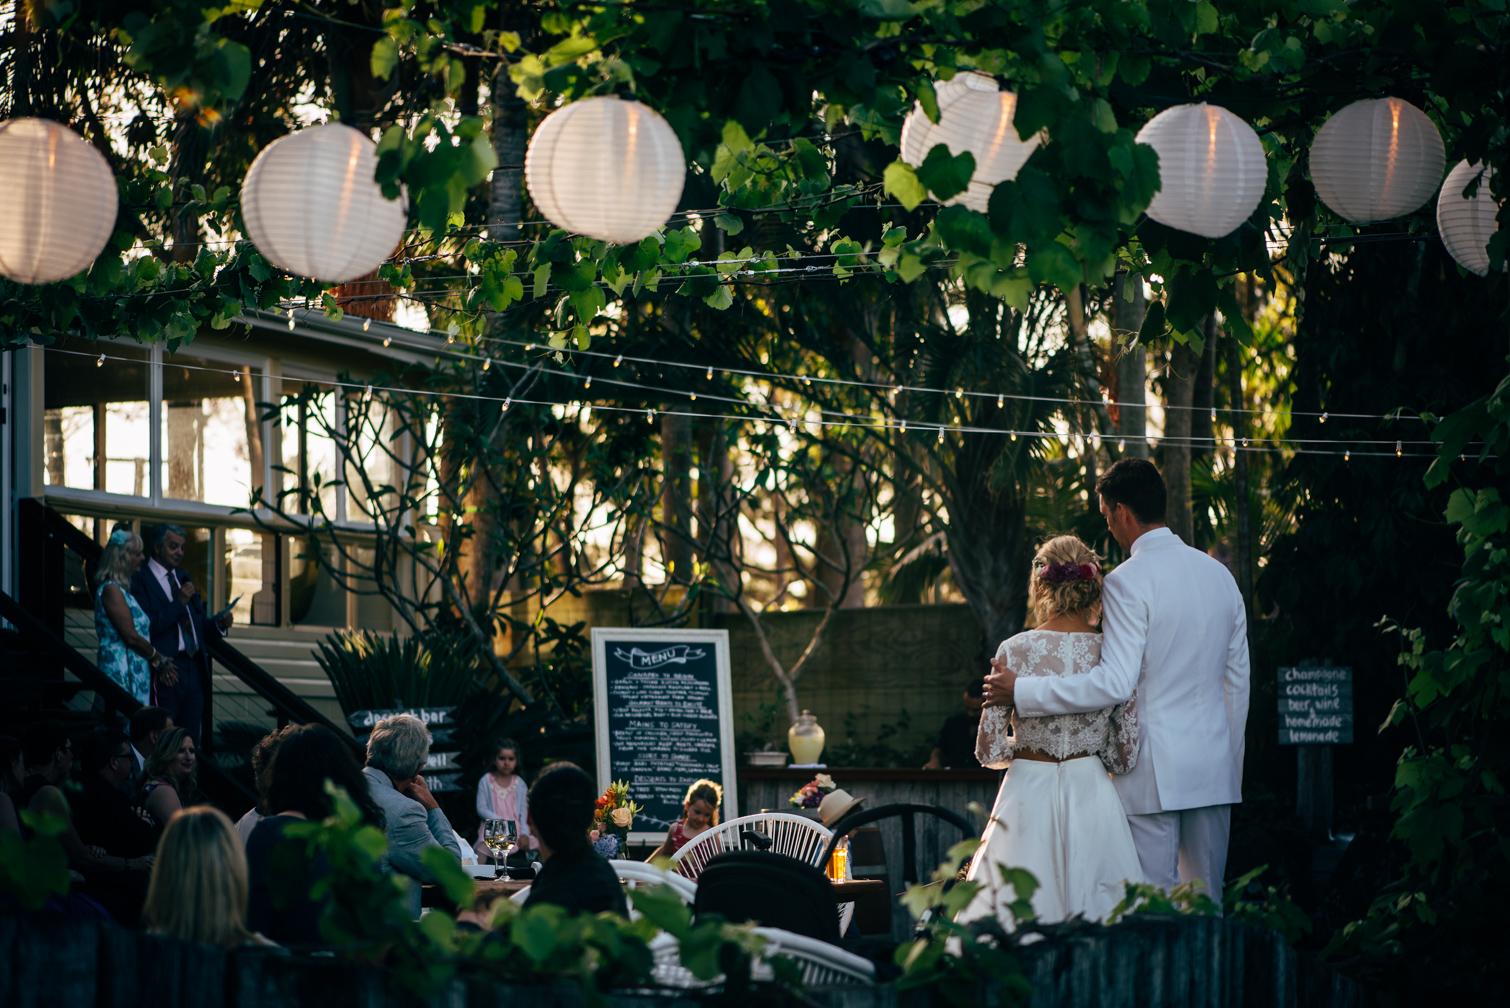 Byron_Bay_Figtree_Restaurant_Wedding_Venue-61.jpg